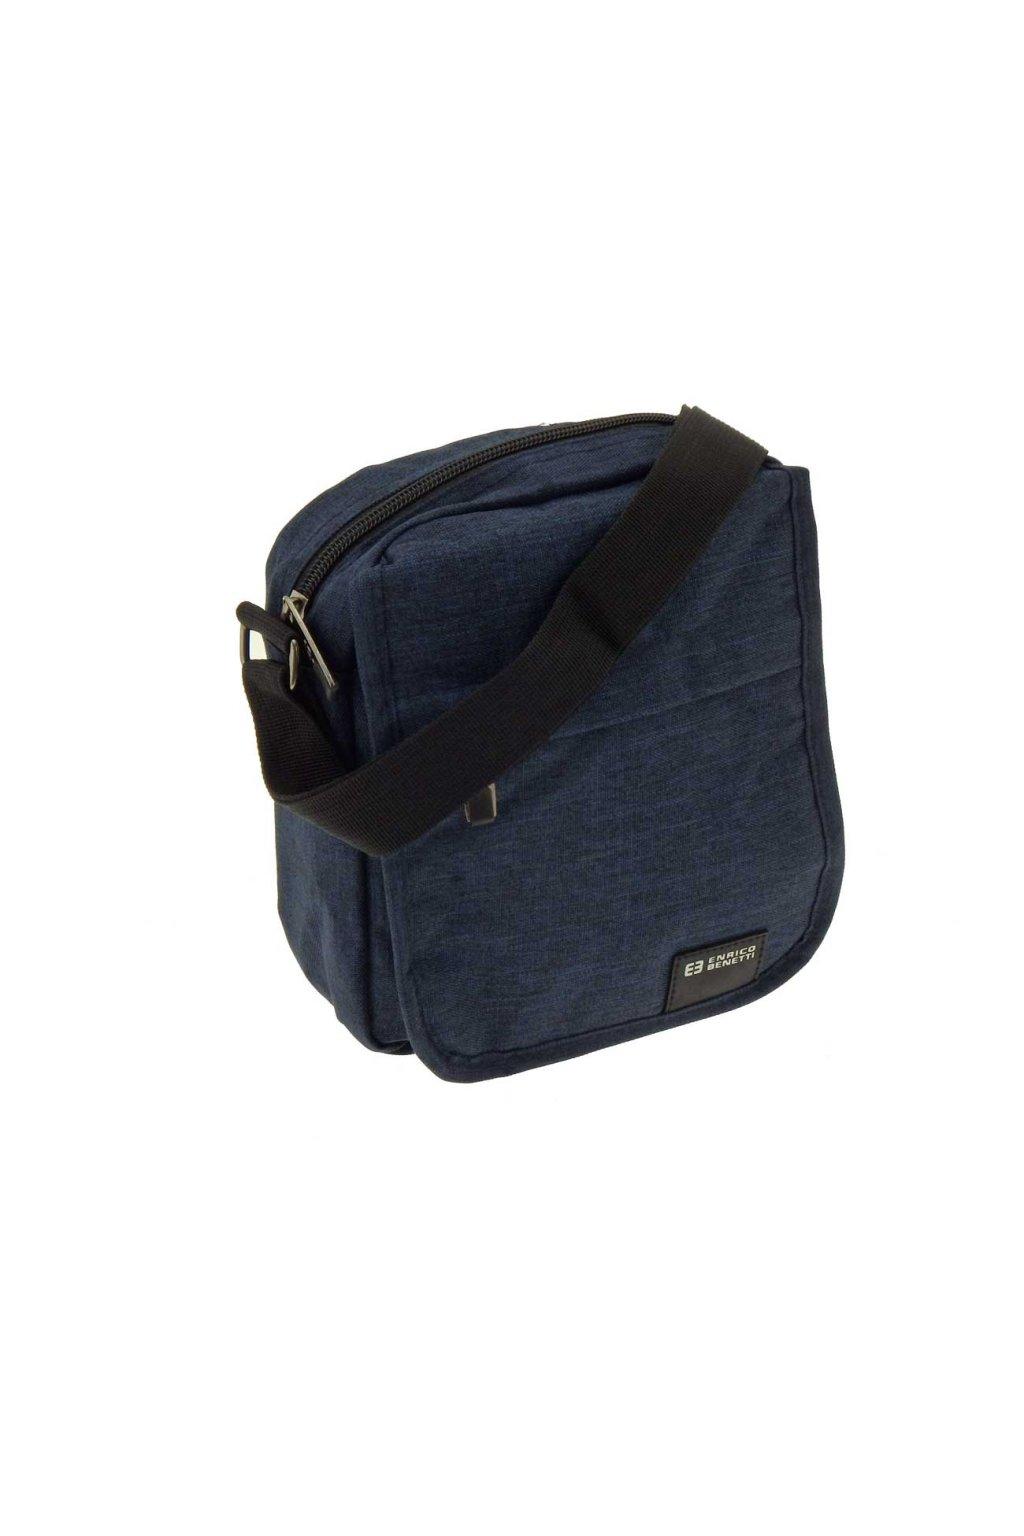 pánská taška přes rameno malá černá PK03 47173